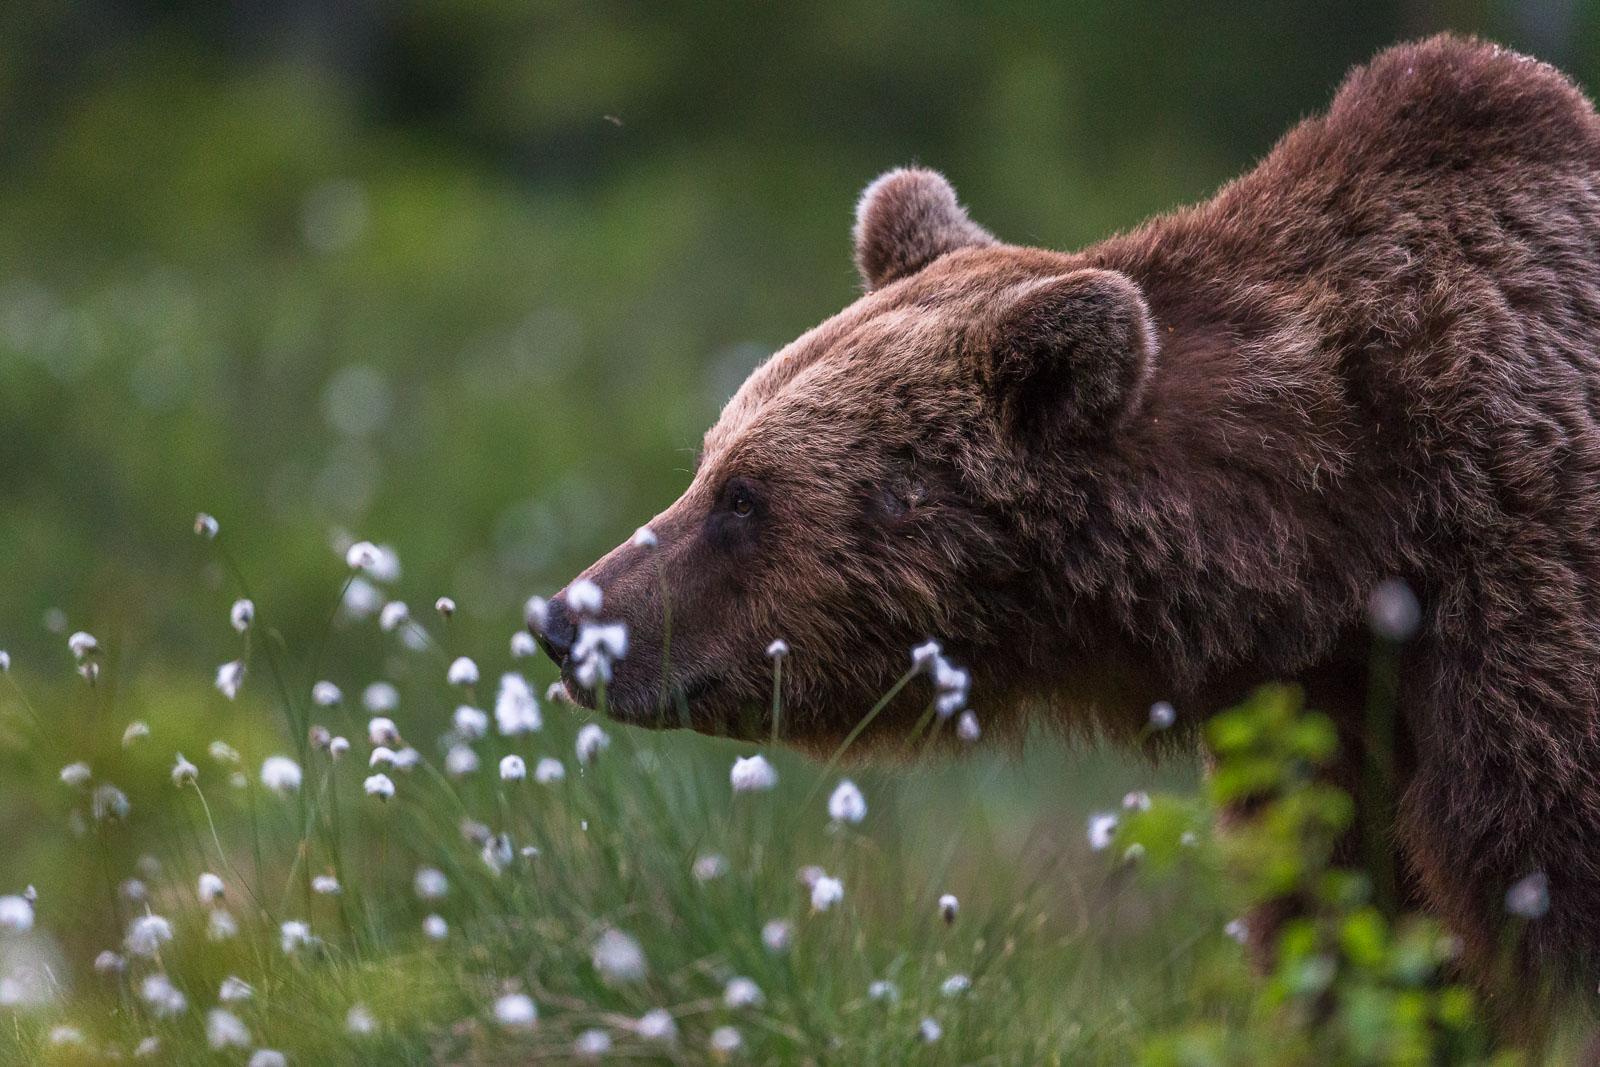 Björnen doftar på omgivningen